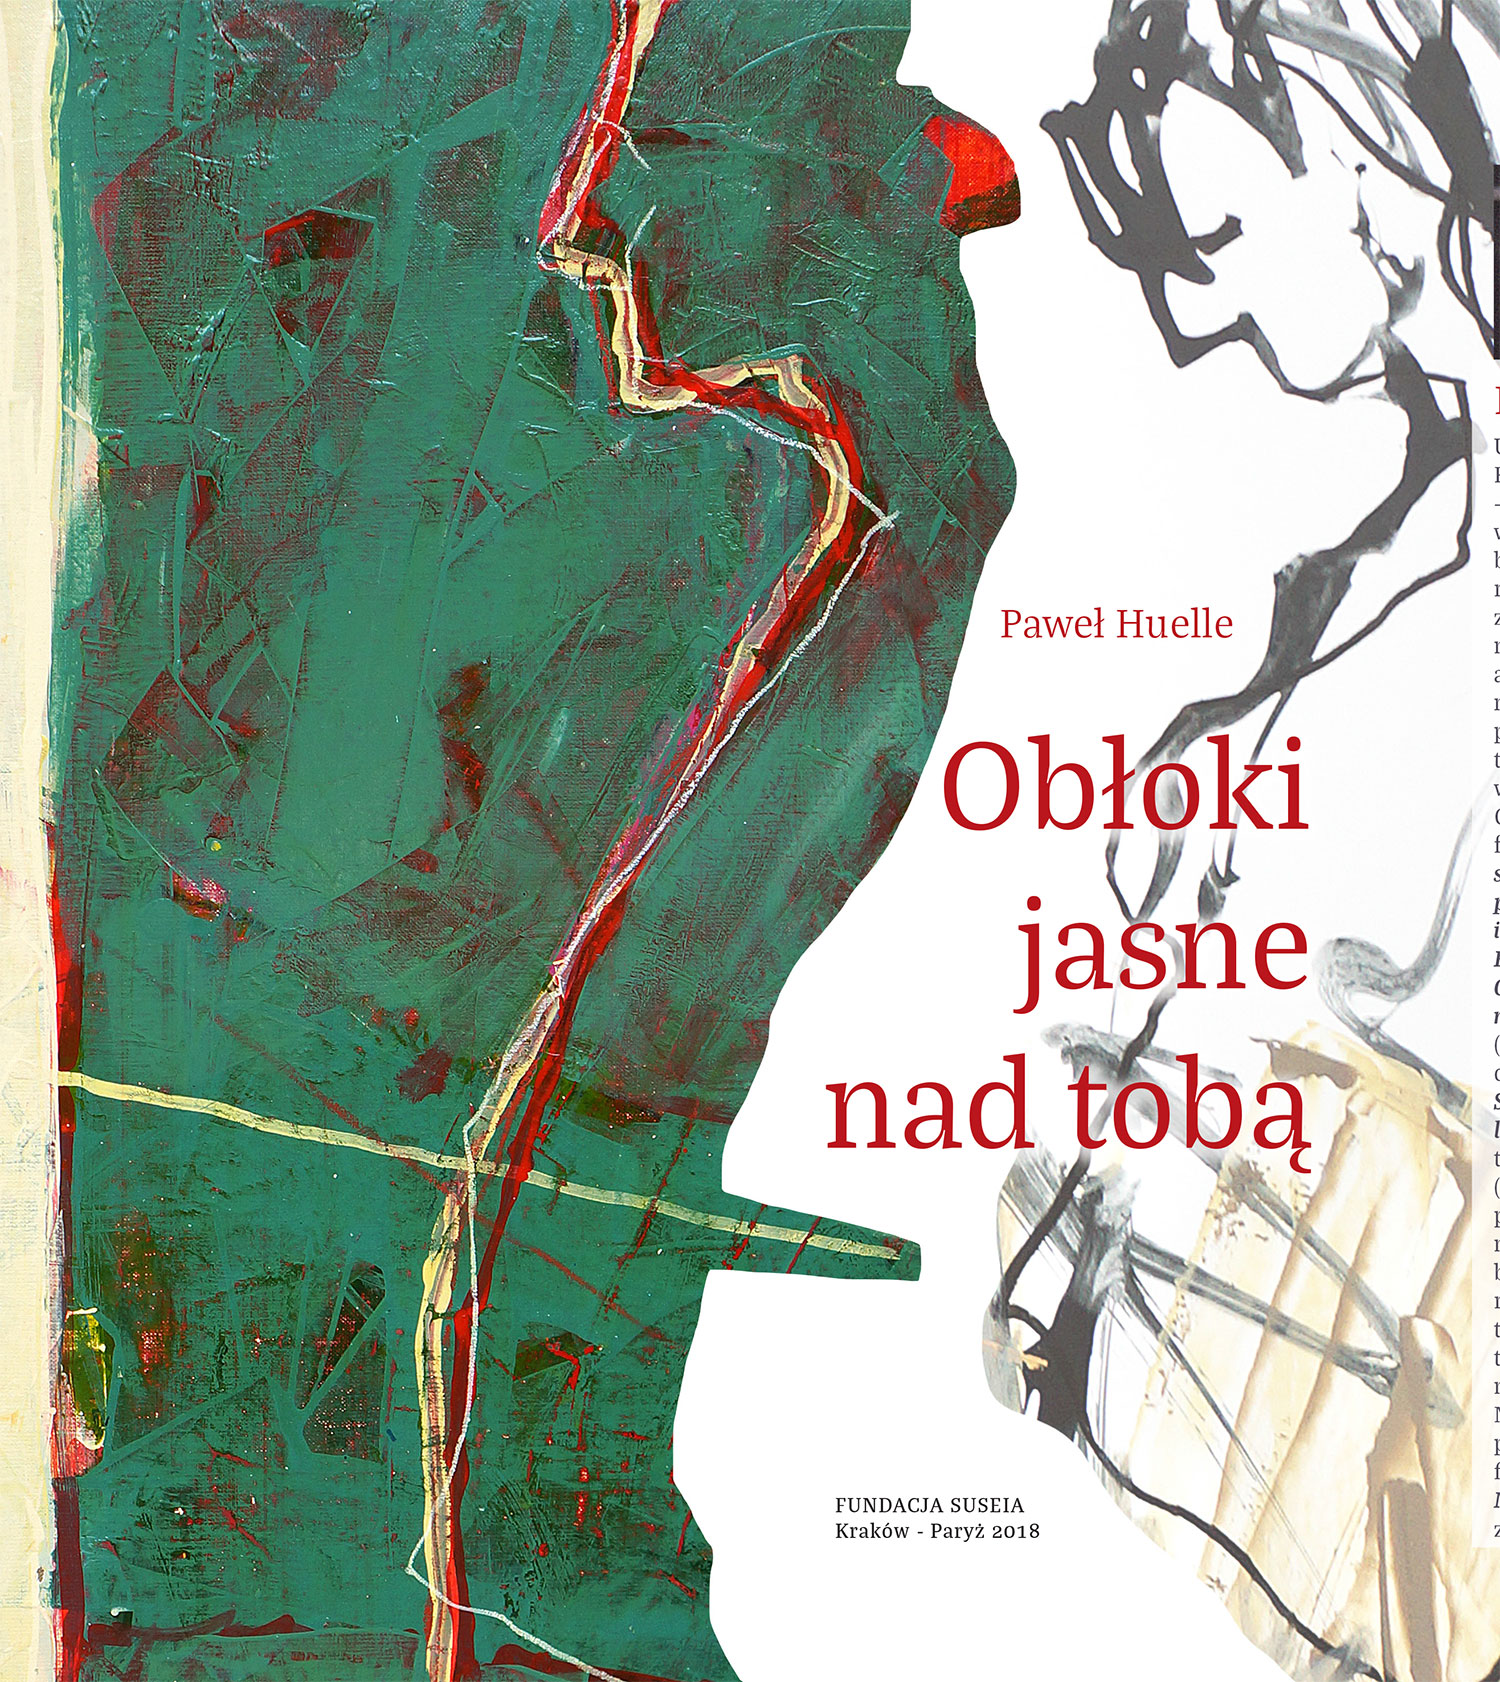 """Paweł Huelle, """"Obłoki jasne nad tobą"""" (źródło: materiały prasowe)"""